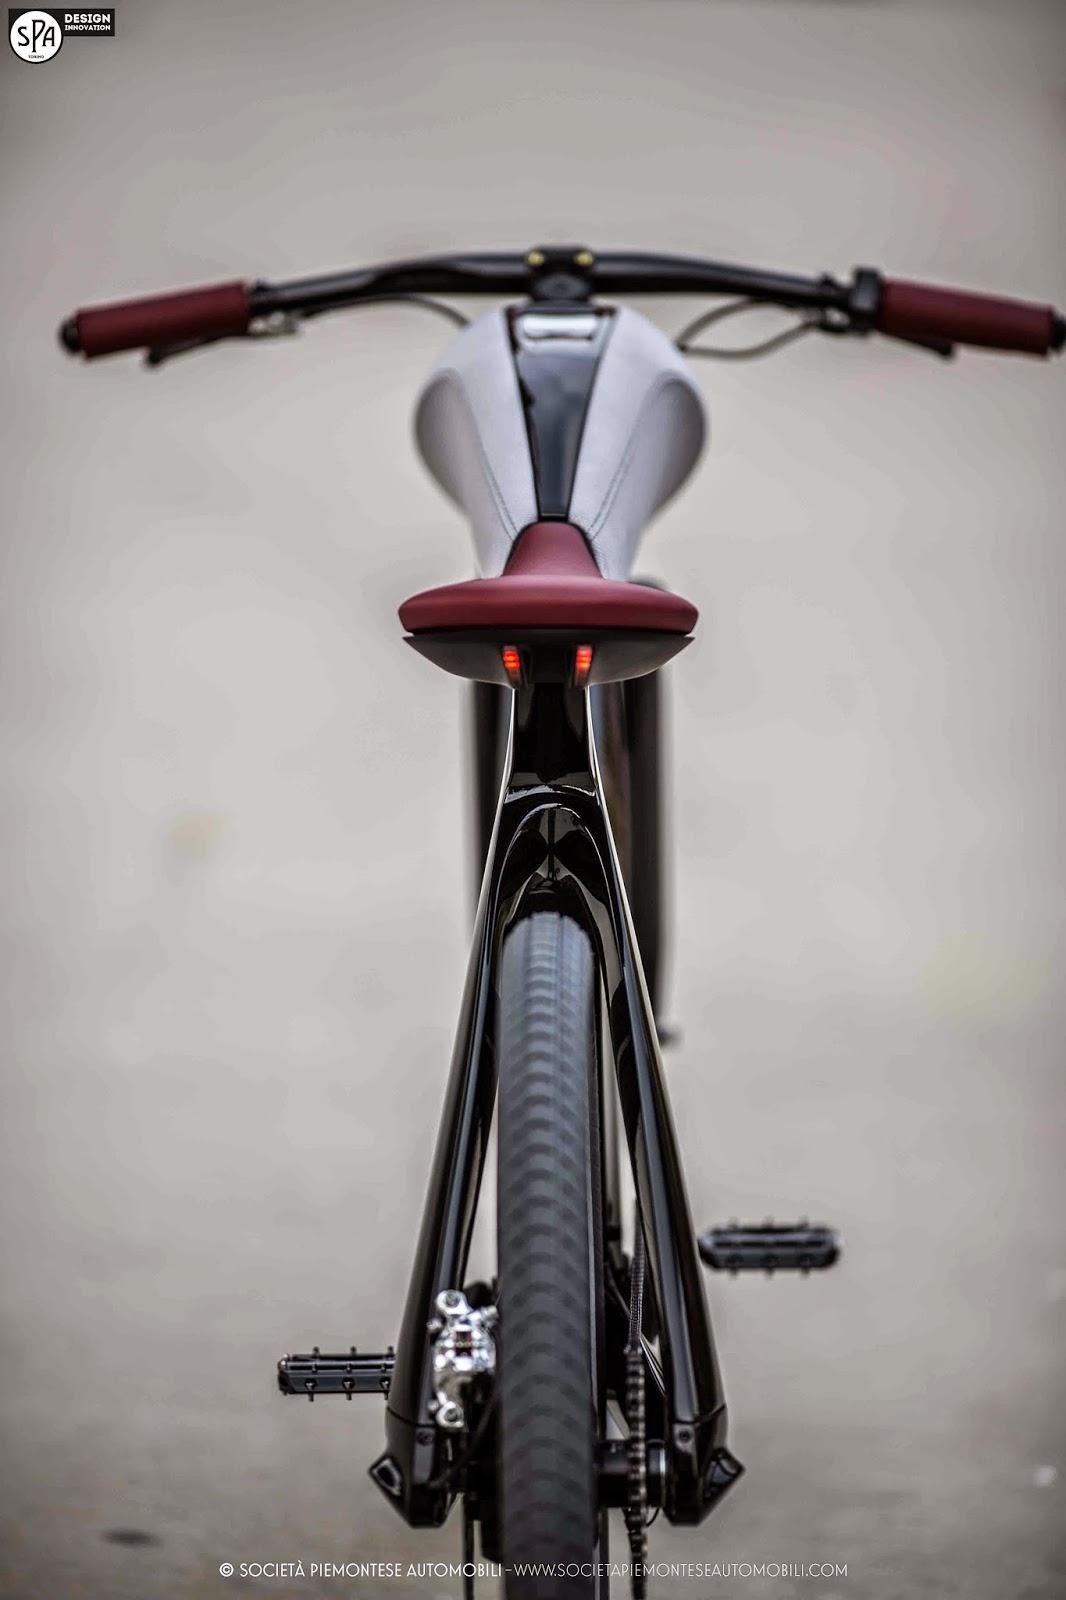 spa-bicicletto-photo-2_0FullSize